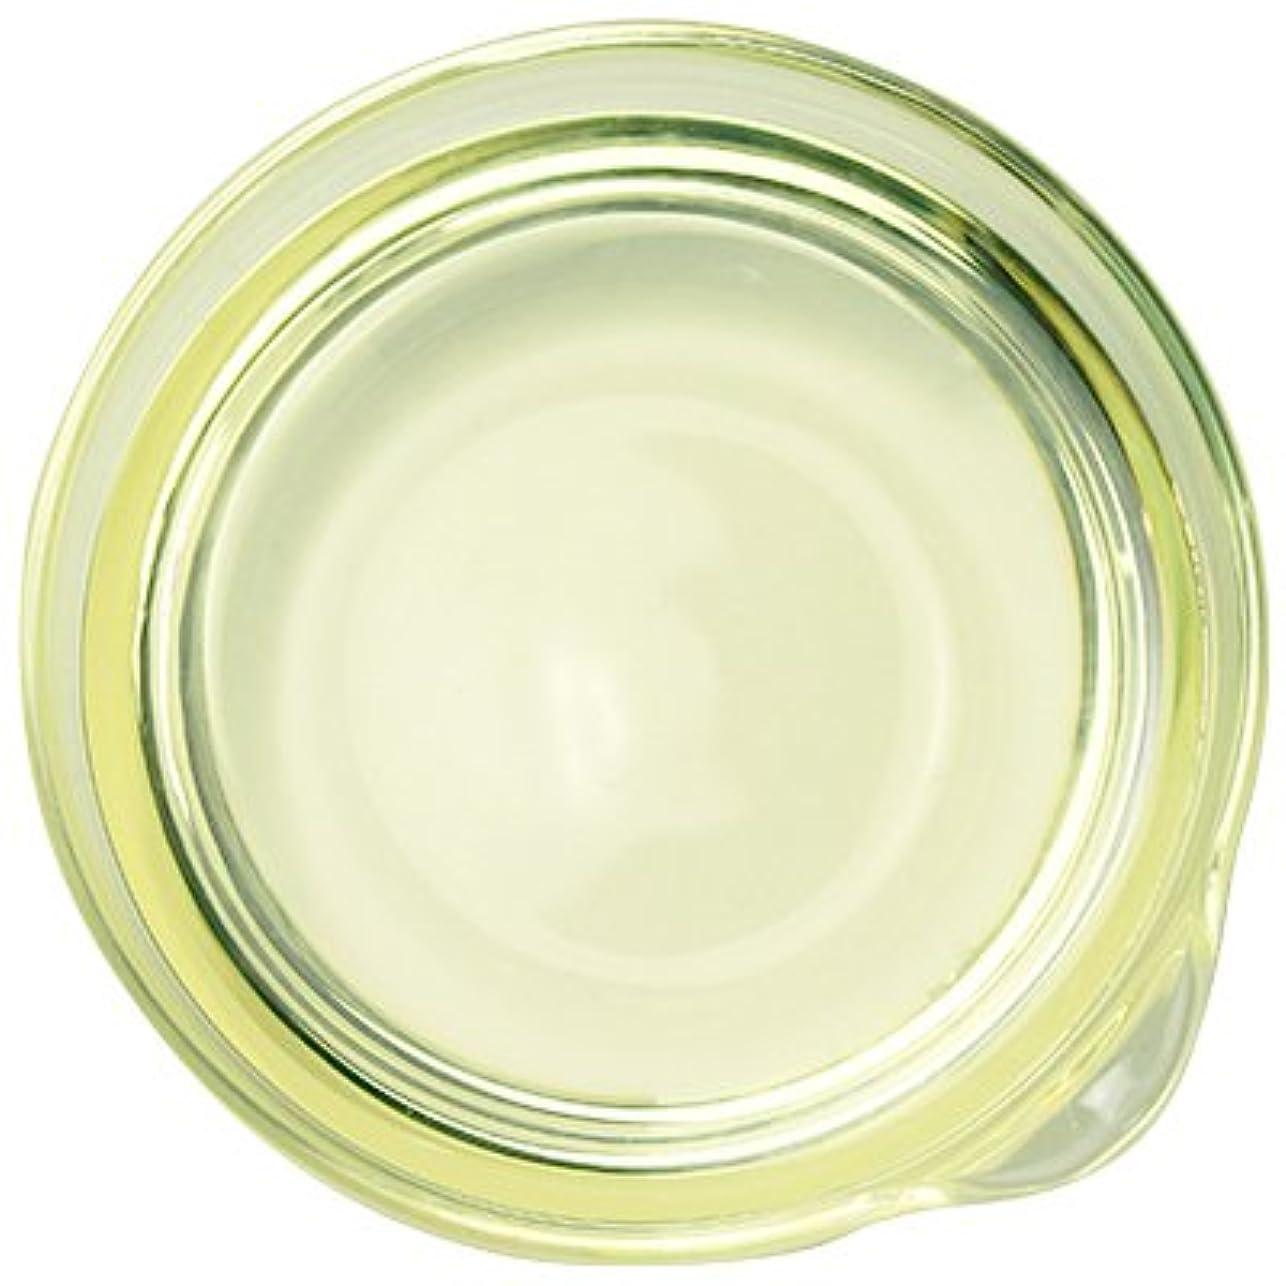 ブリッジ歪めるカンガルー精製スイートアーモンドオイル 250ml 【手作り石鹸/手作りコスメ/アーモンド油】